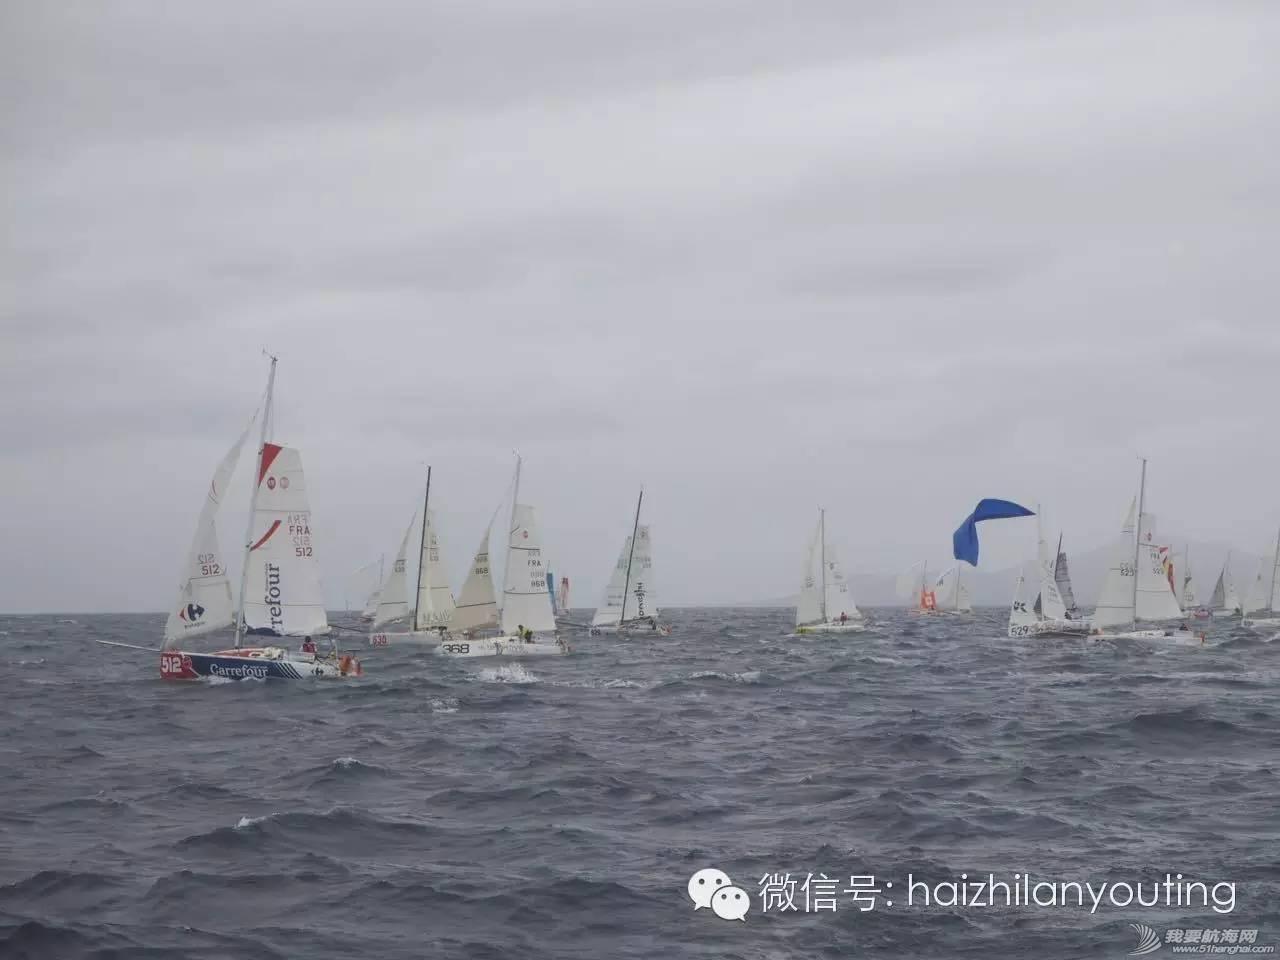 大西洋,中国海,朋友,决战 京坤在MINI TRANSAT | Mini transat第二赛段起航,决战大西洋 a7ea1513af7f3fe12a6180069ca5a587.jpg